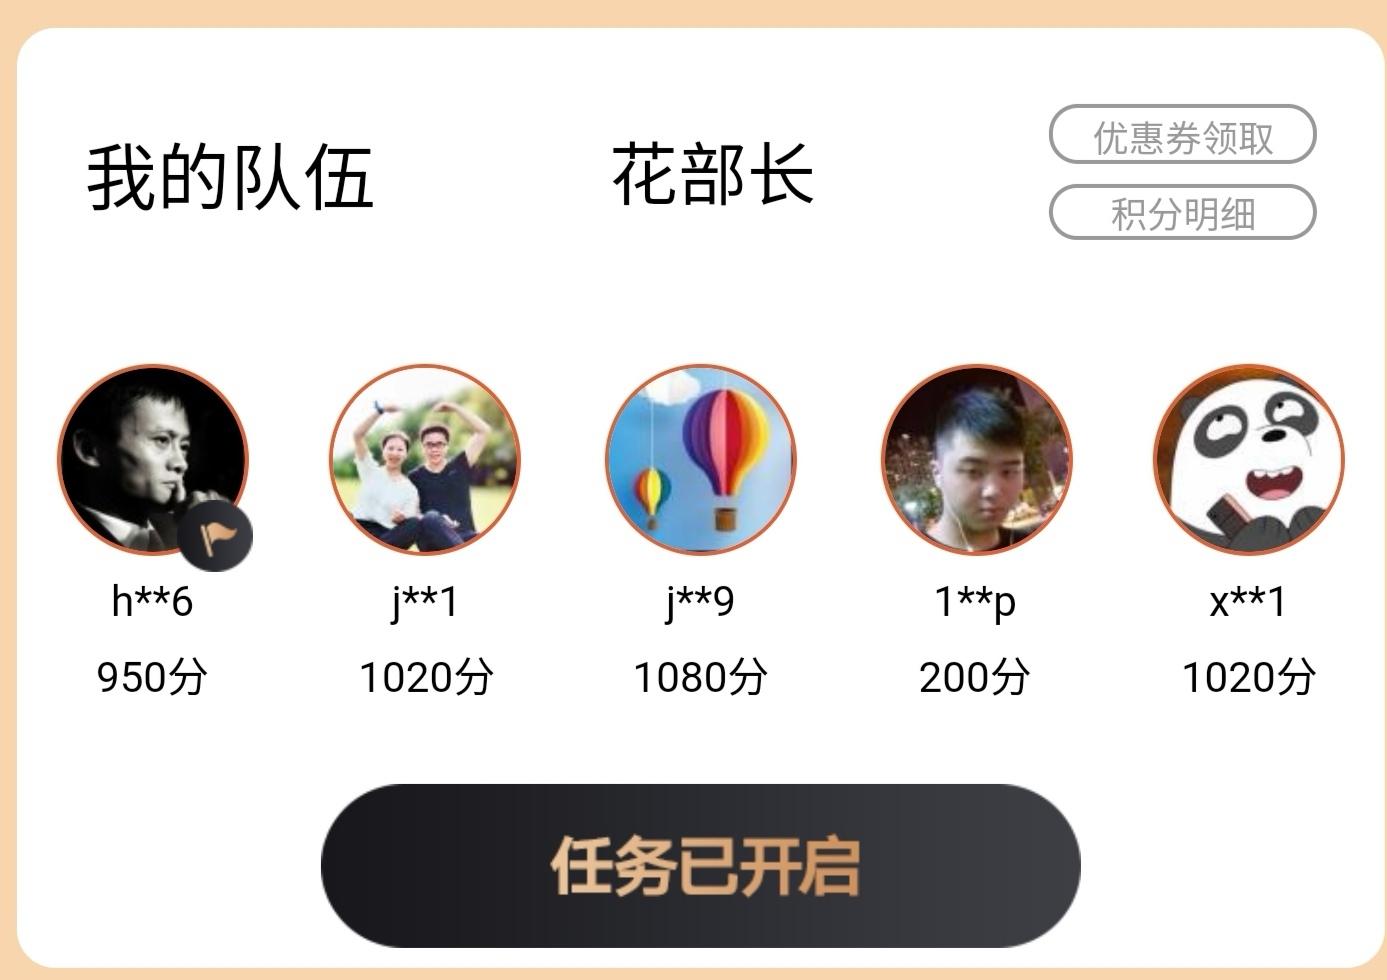 Screenshot_20190917_133634.jpg